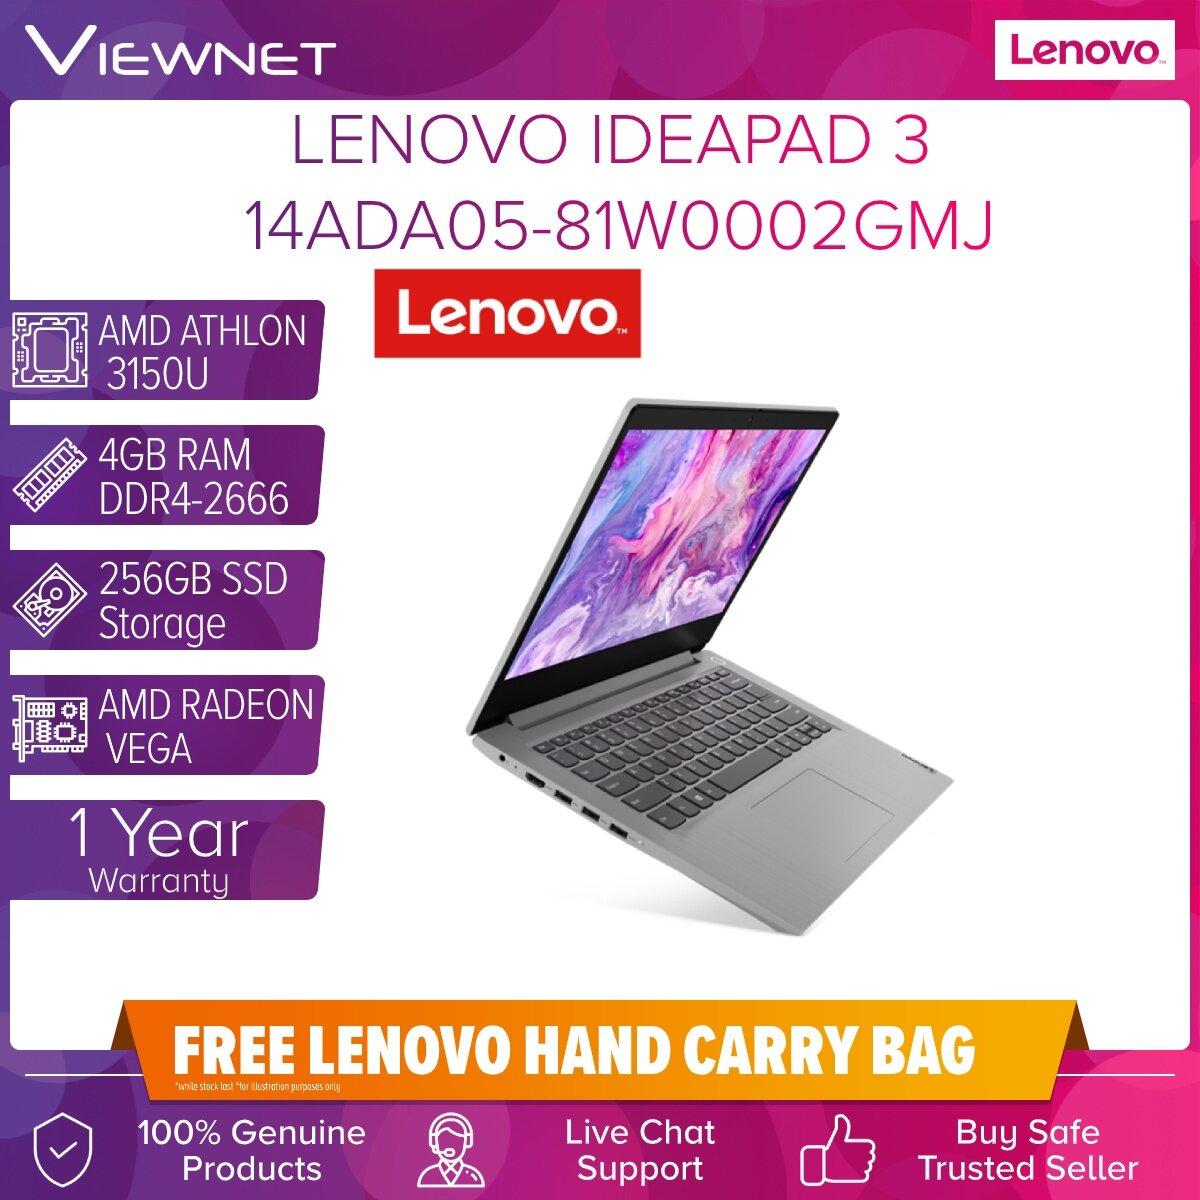 LENOVO IDEAPAD 3 14ADA05 81W0002GMJ 4GB DDR4/256GB